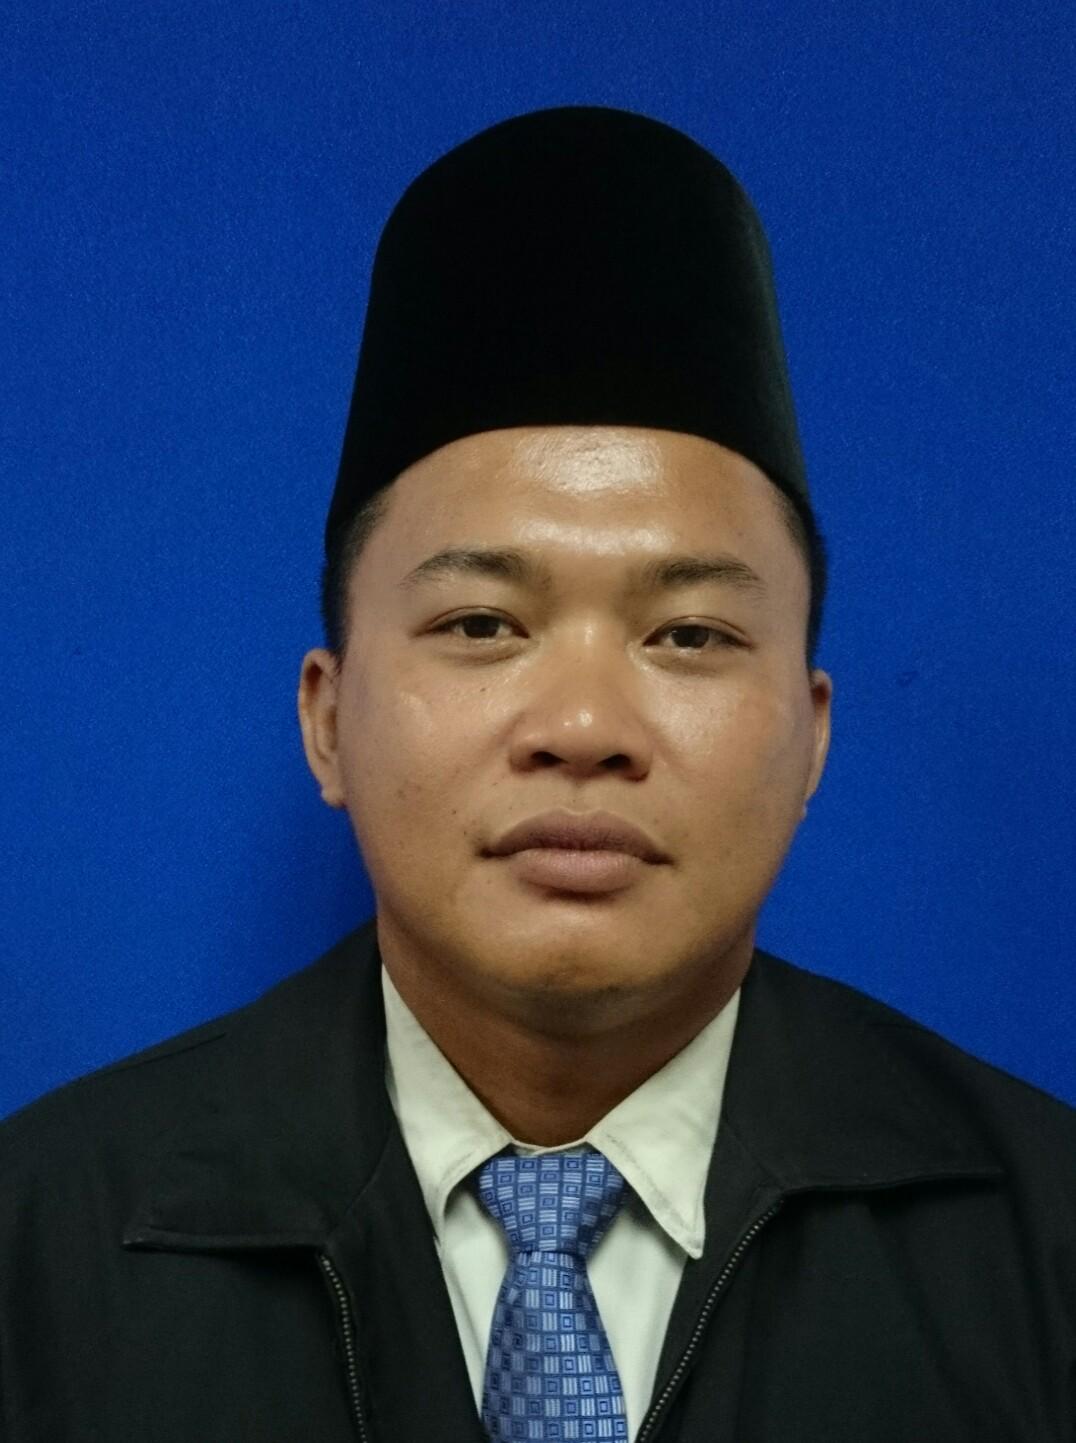 Encik Mohamad Faiezun Bin Samai